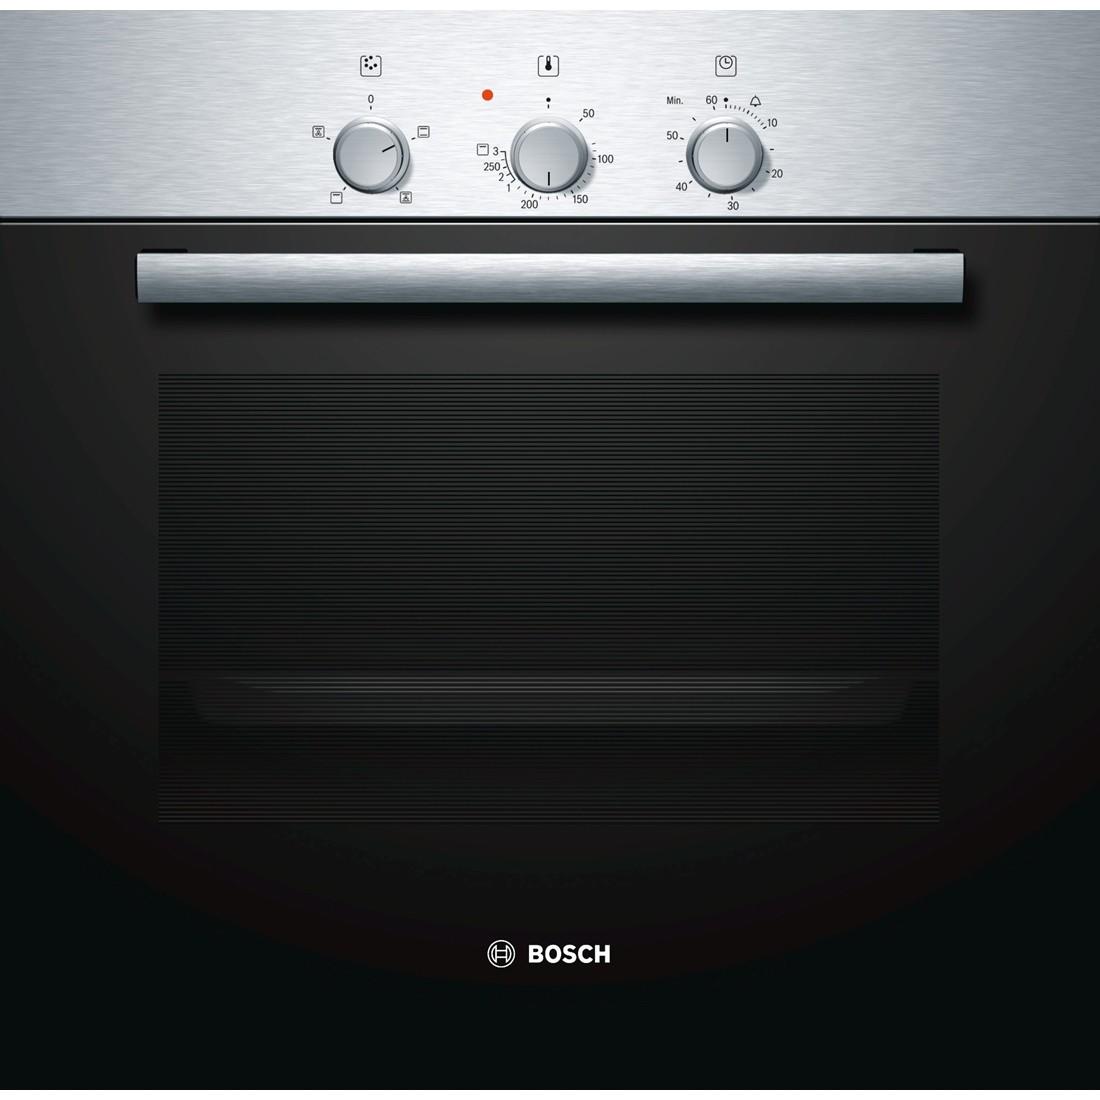 Электрический духовой шкаф Bosch HBN 211 E4Встраиваемые электрические духовые шкафы<br><br><br>Артикул: HBN211E4<br>Бренд: Bosch<br>Количество режимов работы: 4<br>Таймер: да<br>Подсветка: да<br>Гриль: да<br>Конвекция: да<br>Защитное отключение: да<br>Установка: независимая<br>Гарантия производителя: да<br>Часы: нет<br>Дисплей: нет<br>Цвет: нержавеющая сталь<br>Глубина(см): 56,7<br>Класс энергопотребления: A<br>Ширина (см): 59,5<br>Высота (см): 59,5<br>Переключатели: поворотные<br>Объем духовки(л): 67<br>Число режимов нагрева: 4<br>Тип духовки: независимая<br>Дверца духовки: откидная<br>Телескопические направляющие: да<br>Тип гриля: электрический<br>Вертел: нет<br>Очистка духовки: каталитическая<br>Вентилятор охлаждения дверцы: есть<br>Количество стекол дверцы духовки: два<br>Размеры Ш*В*Г (мм): 595x595x567<br>Размеры ниши для встраивания Ш*В*Г (мм): 560x600x550<br>Ширина встраивания: 60 см<br>Высота встраивания: 60 см